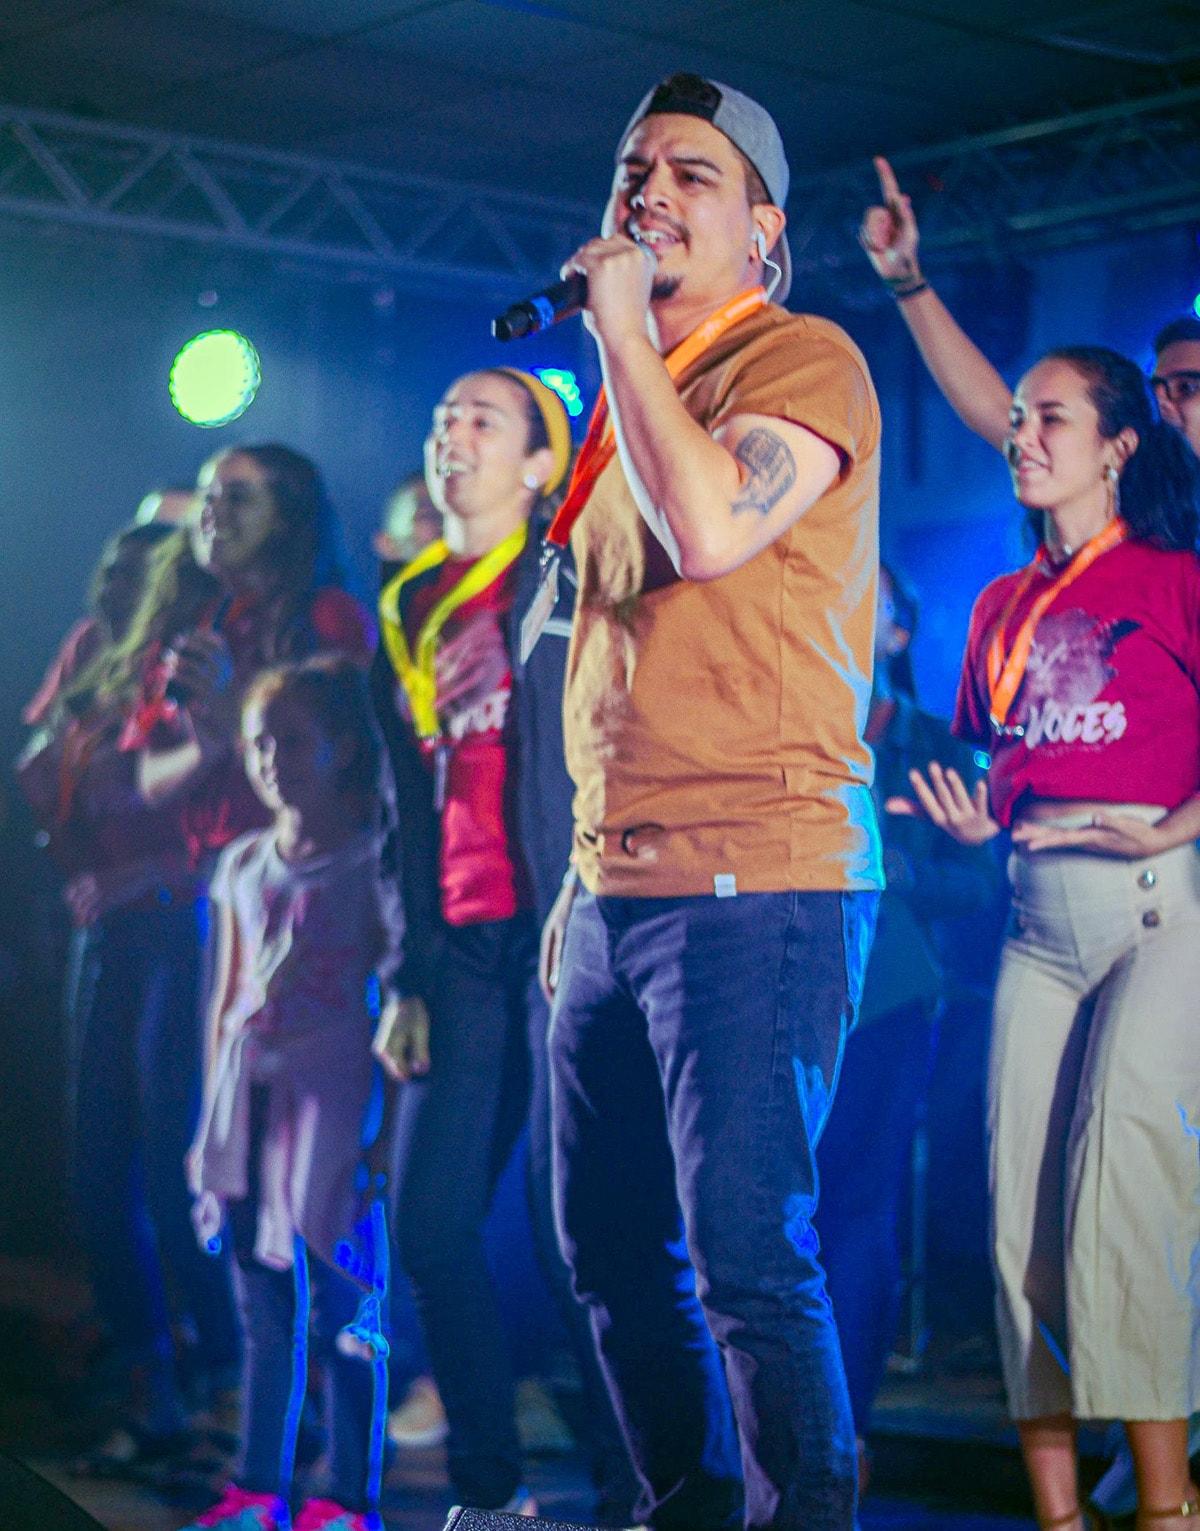 """En su año inaugural, el evento """"Resurrection"""" en Costa Rica contó con la asistencia de 750 jóvenes y adultos jóvenes de todo el país. Foto de Daniel Sandi, cortesía de la Conferencia Anual de Holston."""